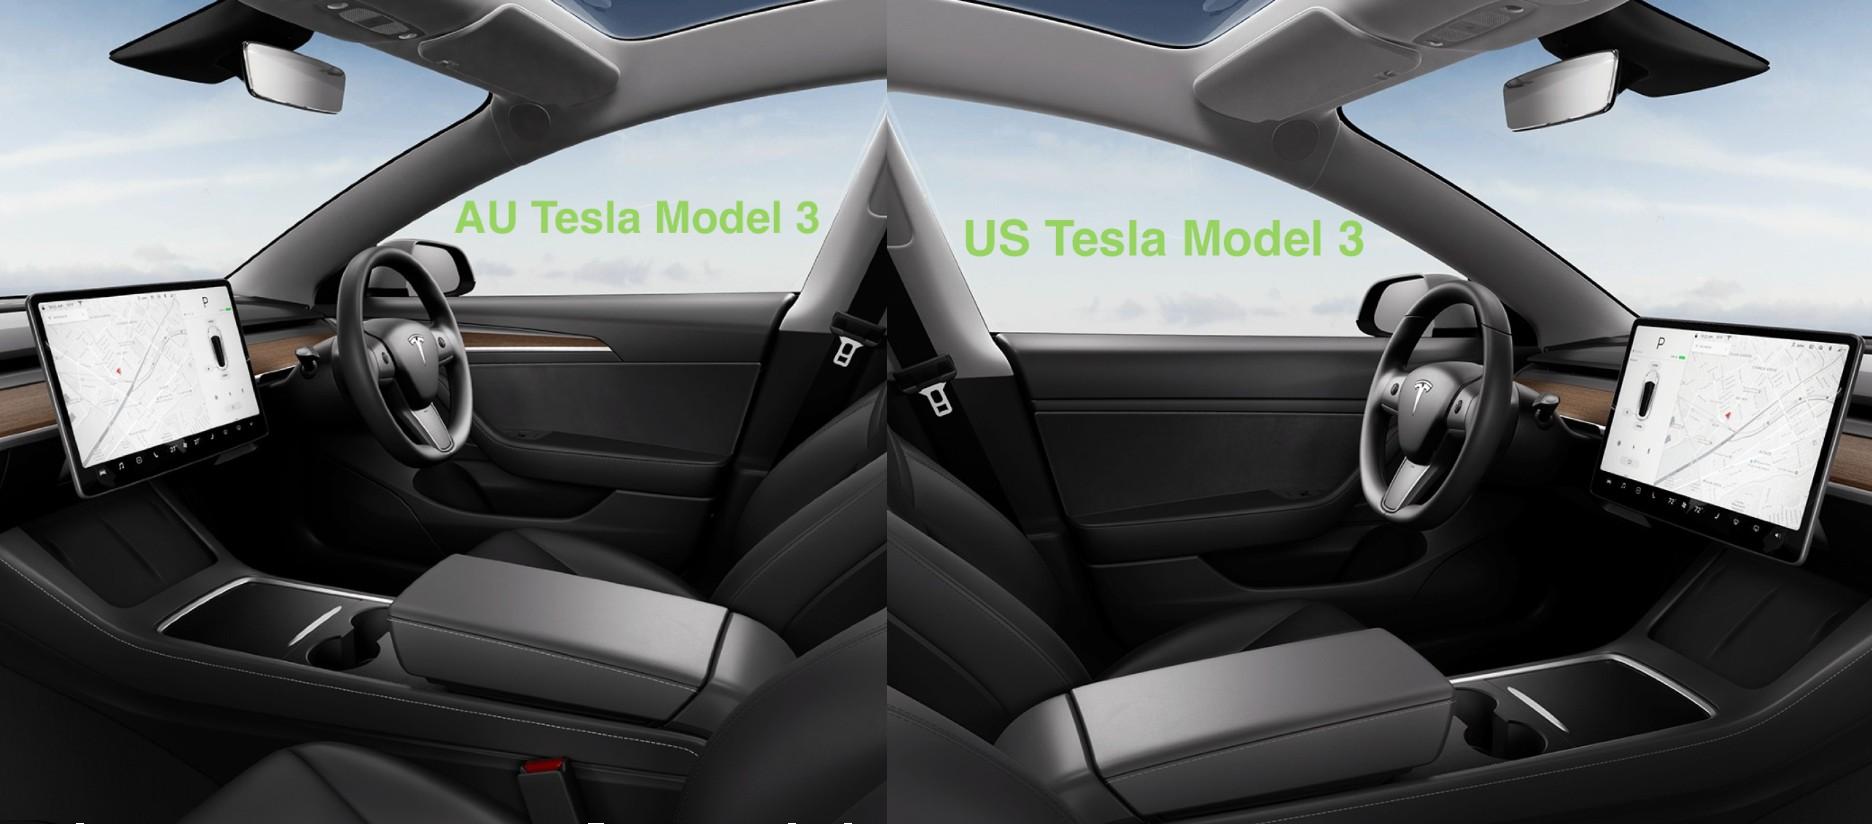 Tesla-China-Model-3-exports-US-vs-AU